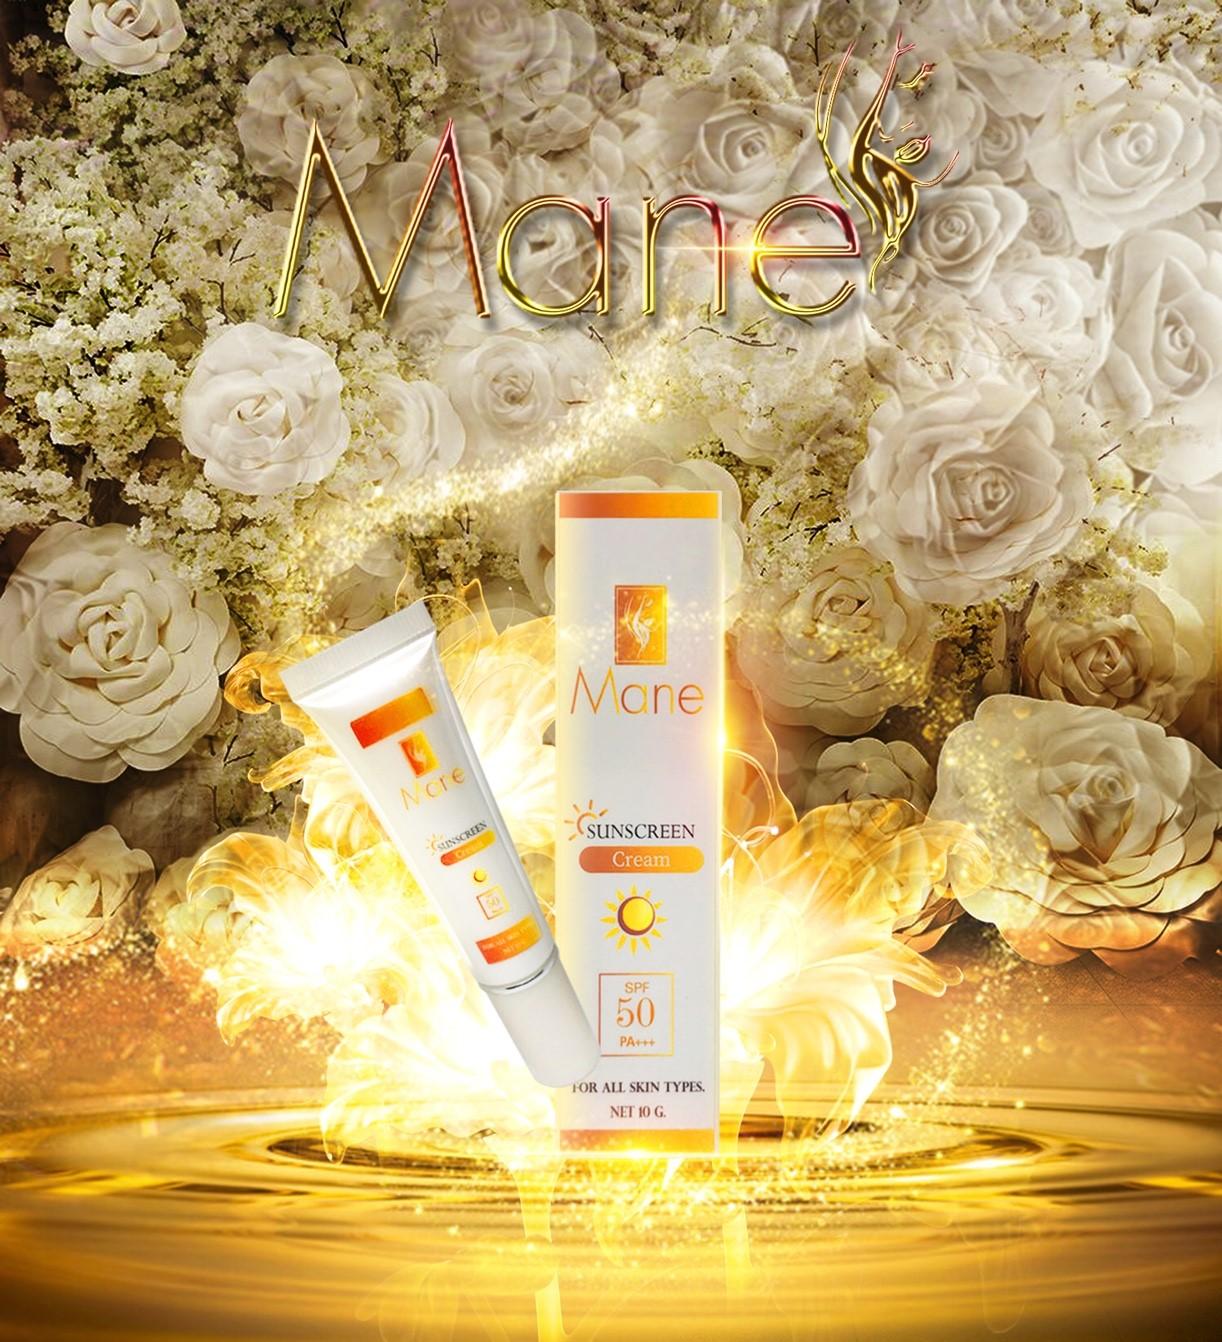 มาเน่ ซันสกีน Mane Sunscreen cream